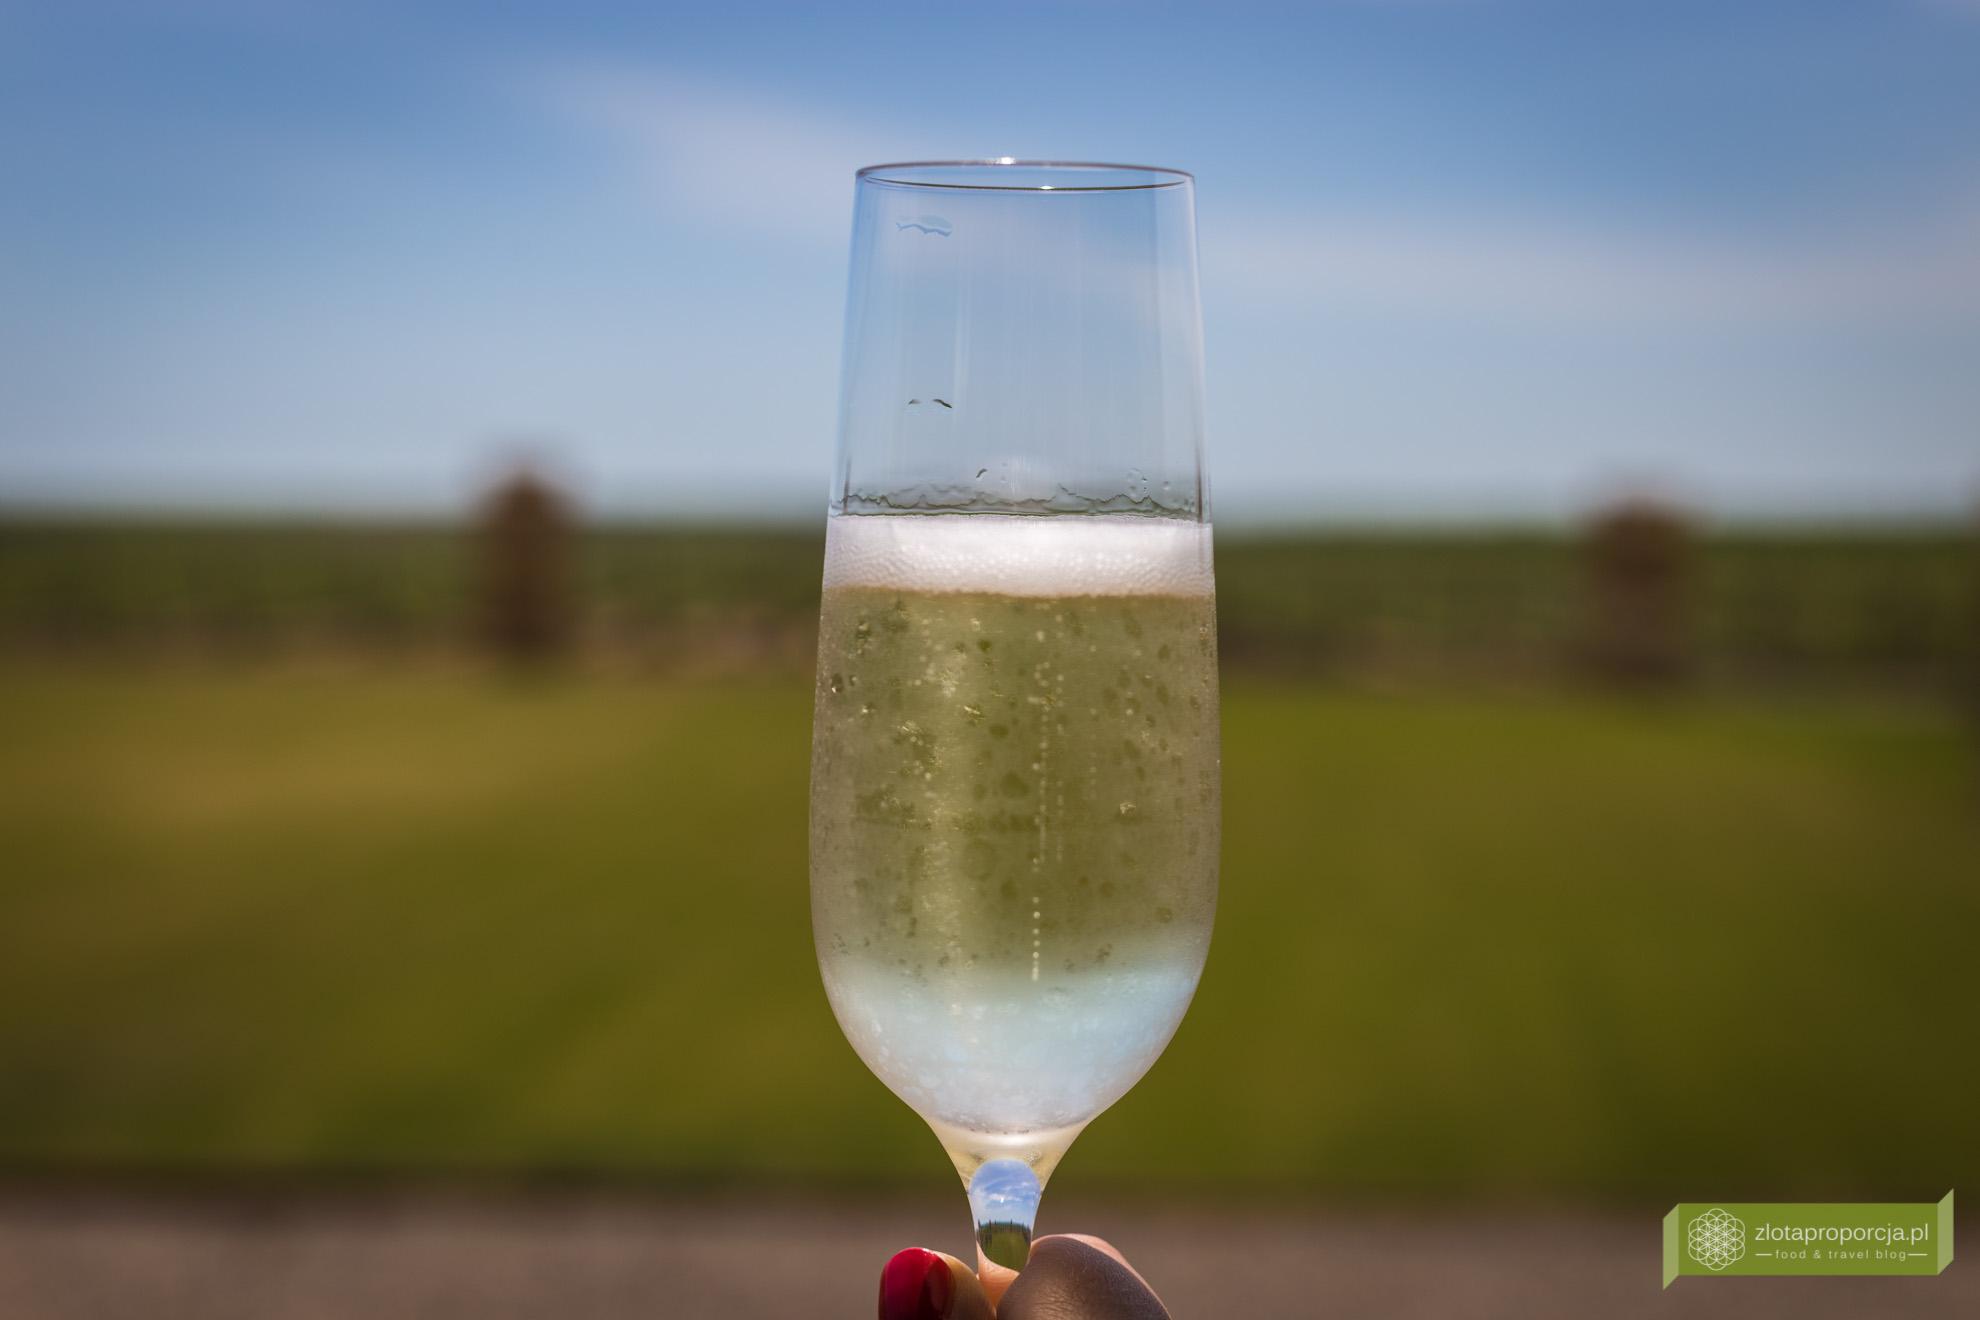 Mołdawia, wino mołdawskie, winnice Mołdawii, winnica Et Cetera